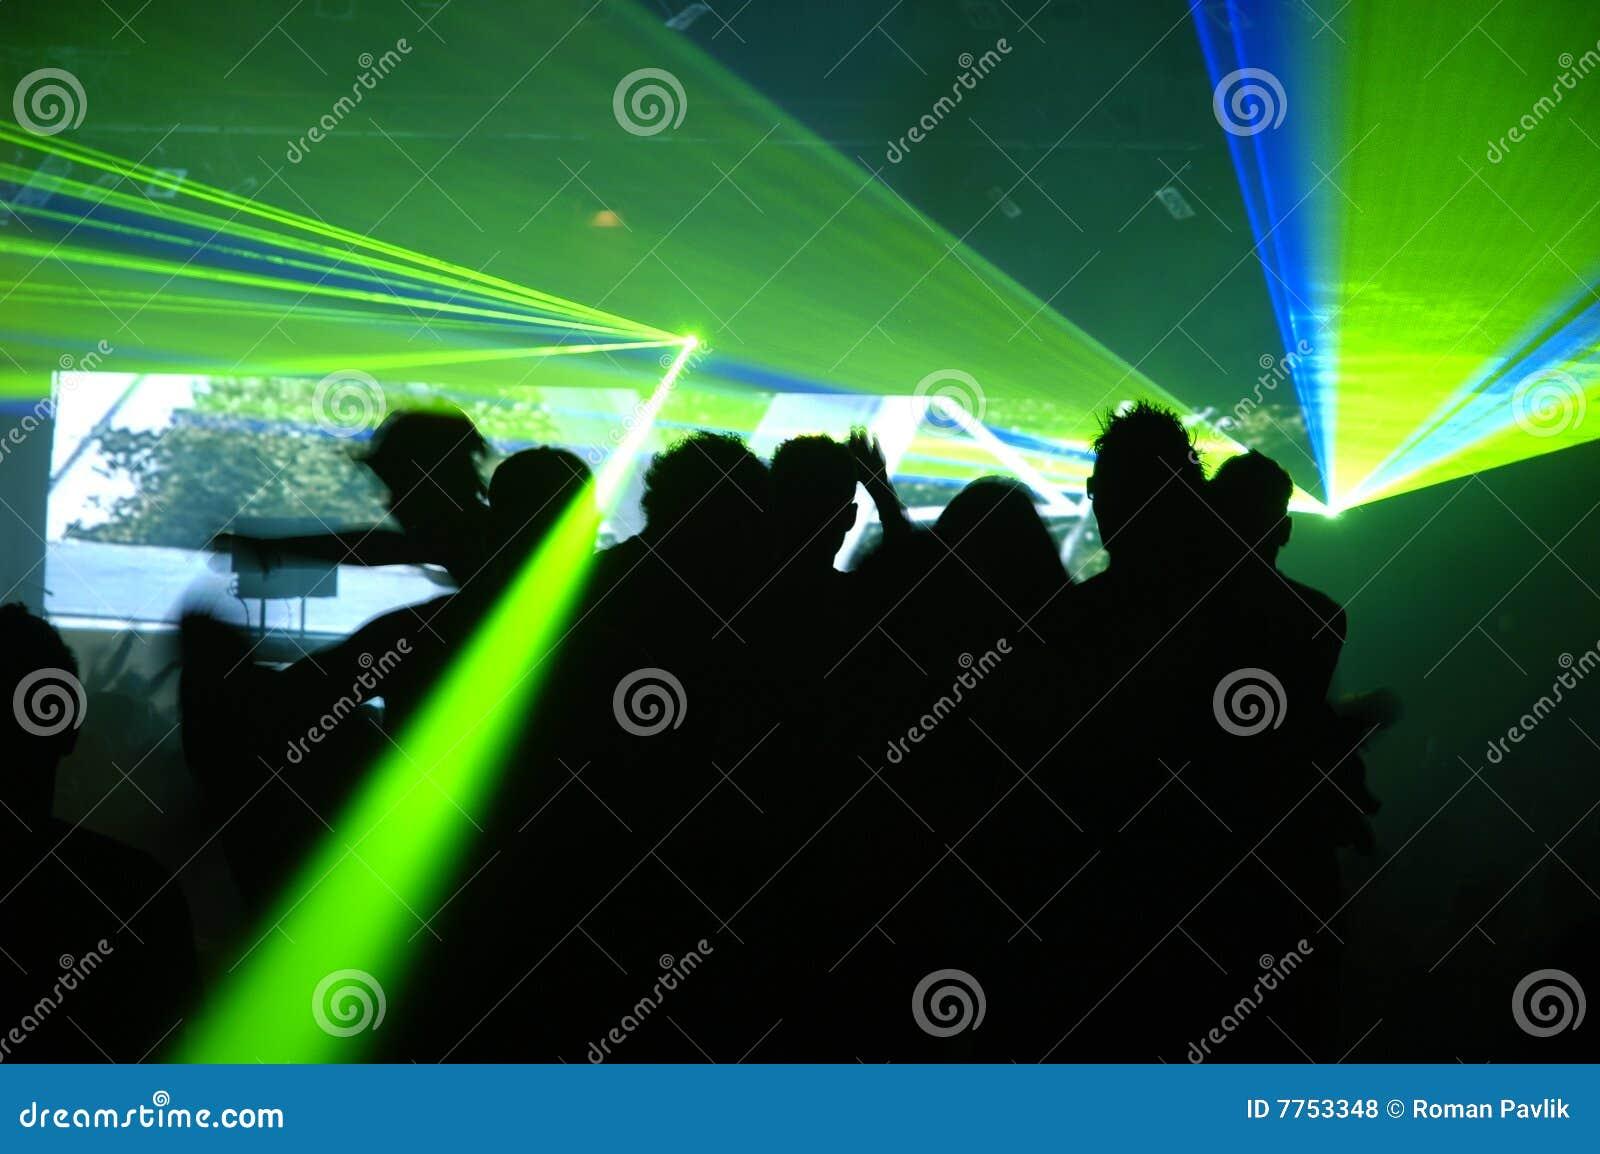 как фотографировать лазеры в клубе рассмотрении